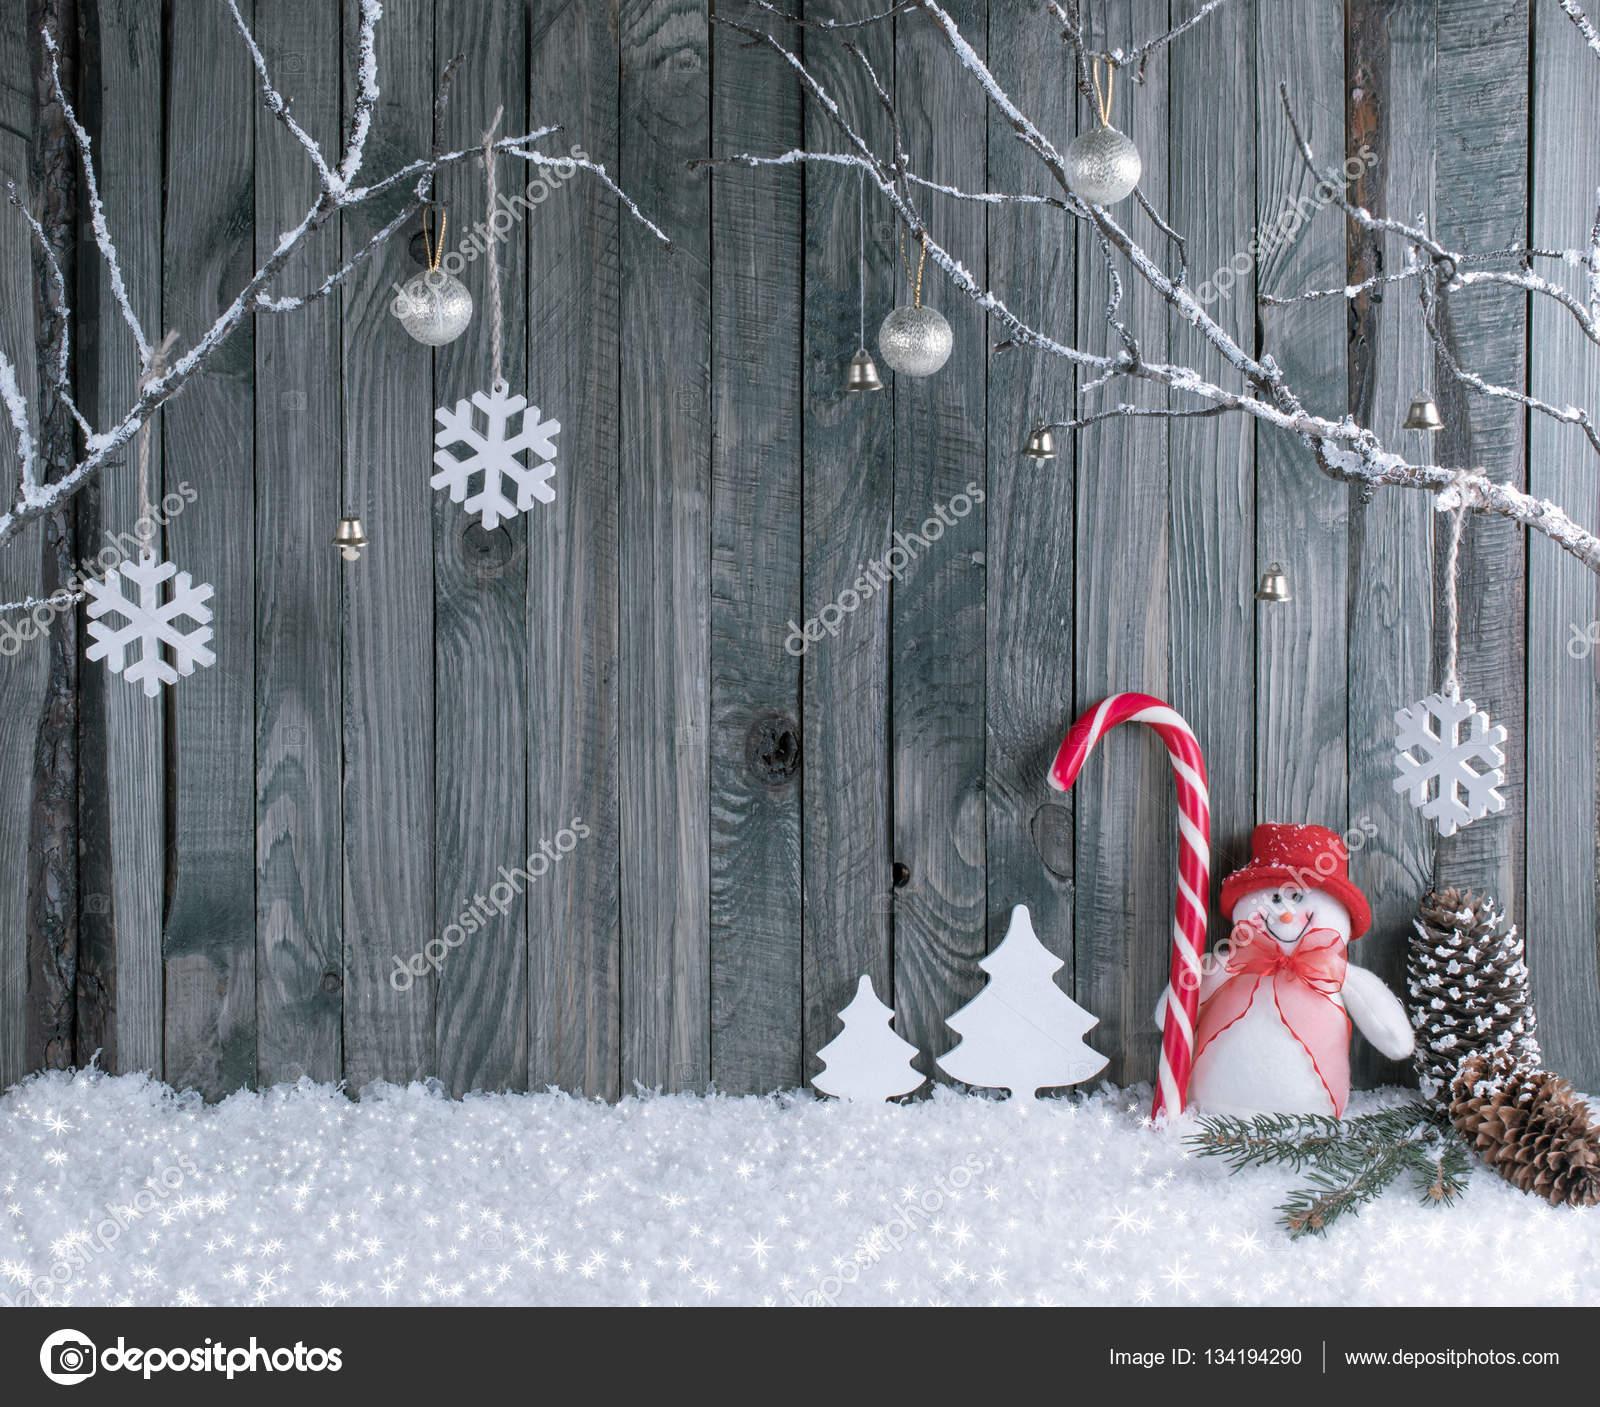 https://st3.depositphotos.com/1918437/13419/i/1600/depositphotos_134194290-stockafbeelding-kerst-interieur-met-decoratieve-takken.jpg